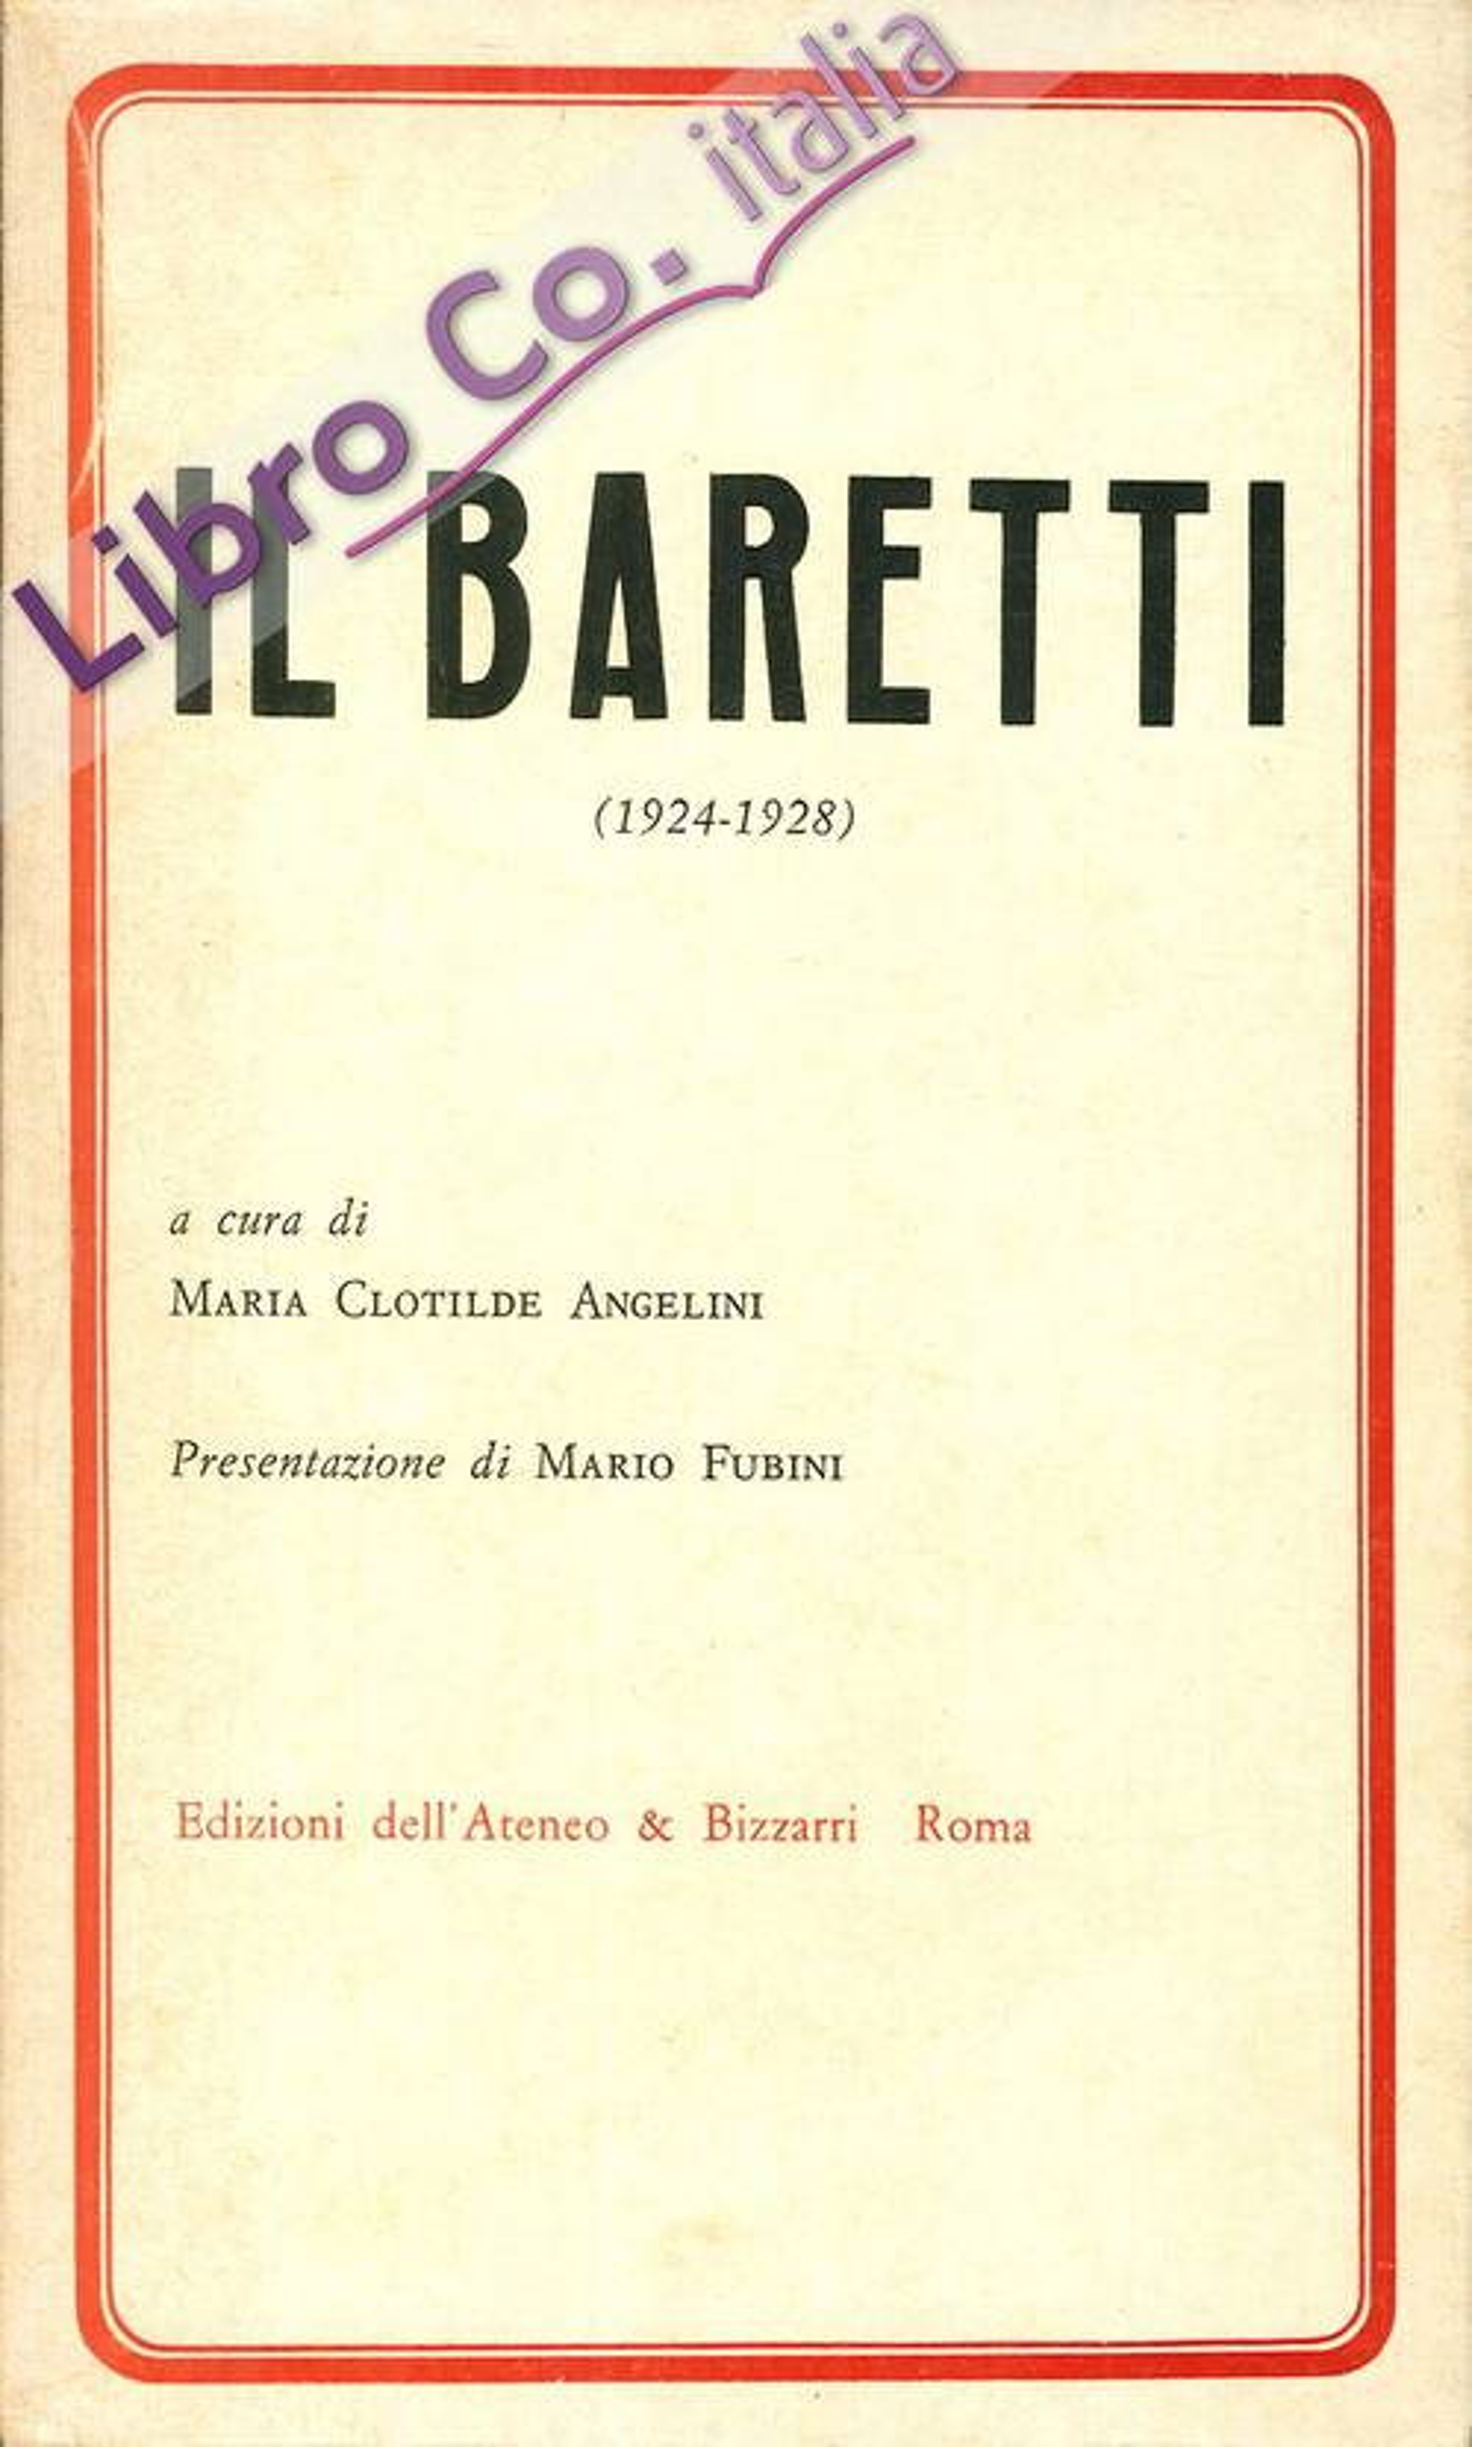 Il Baretti (1924-1928)